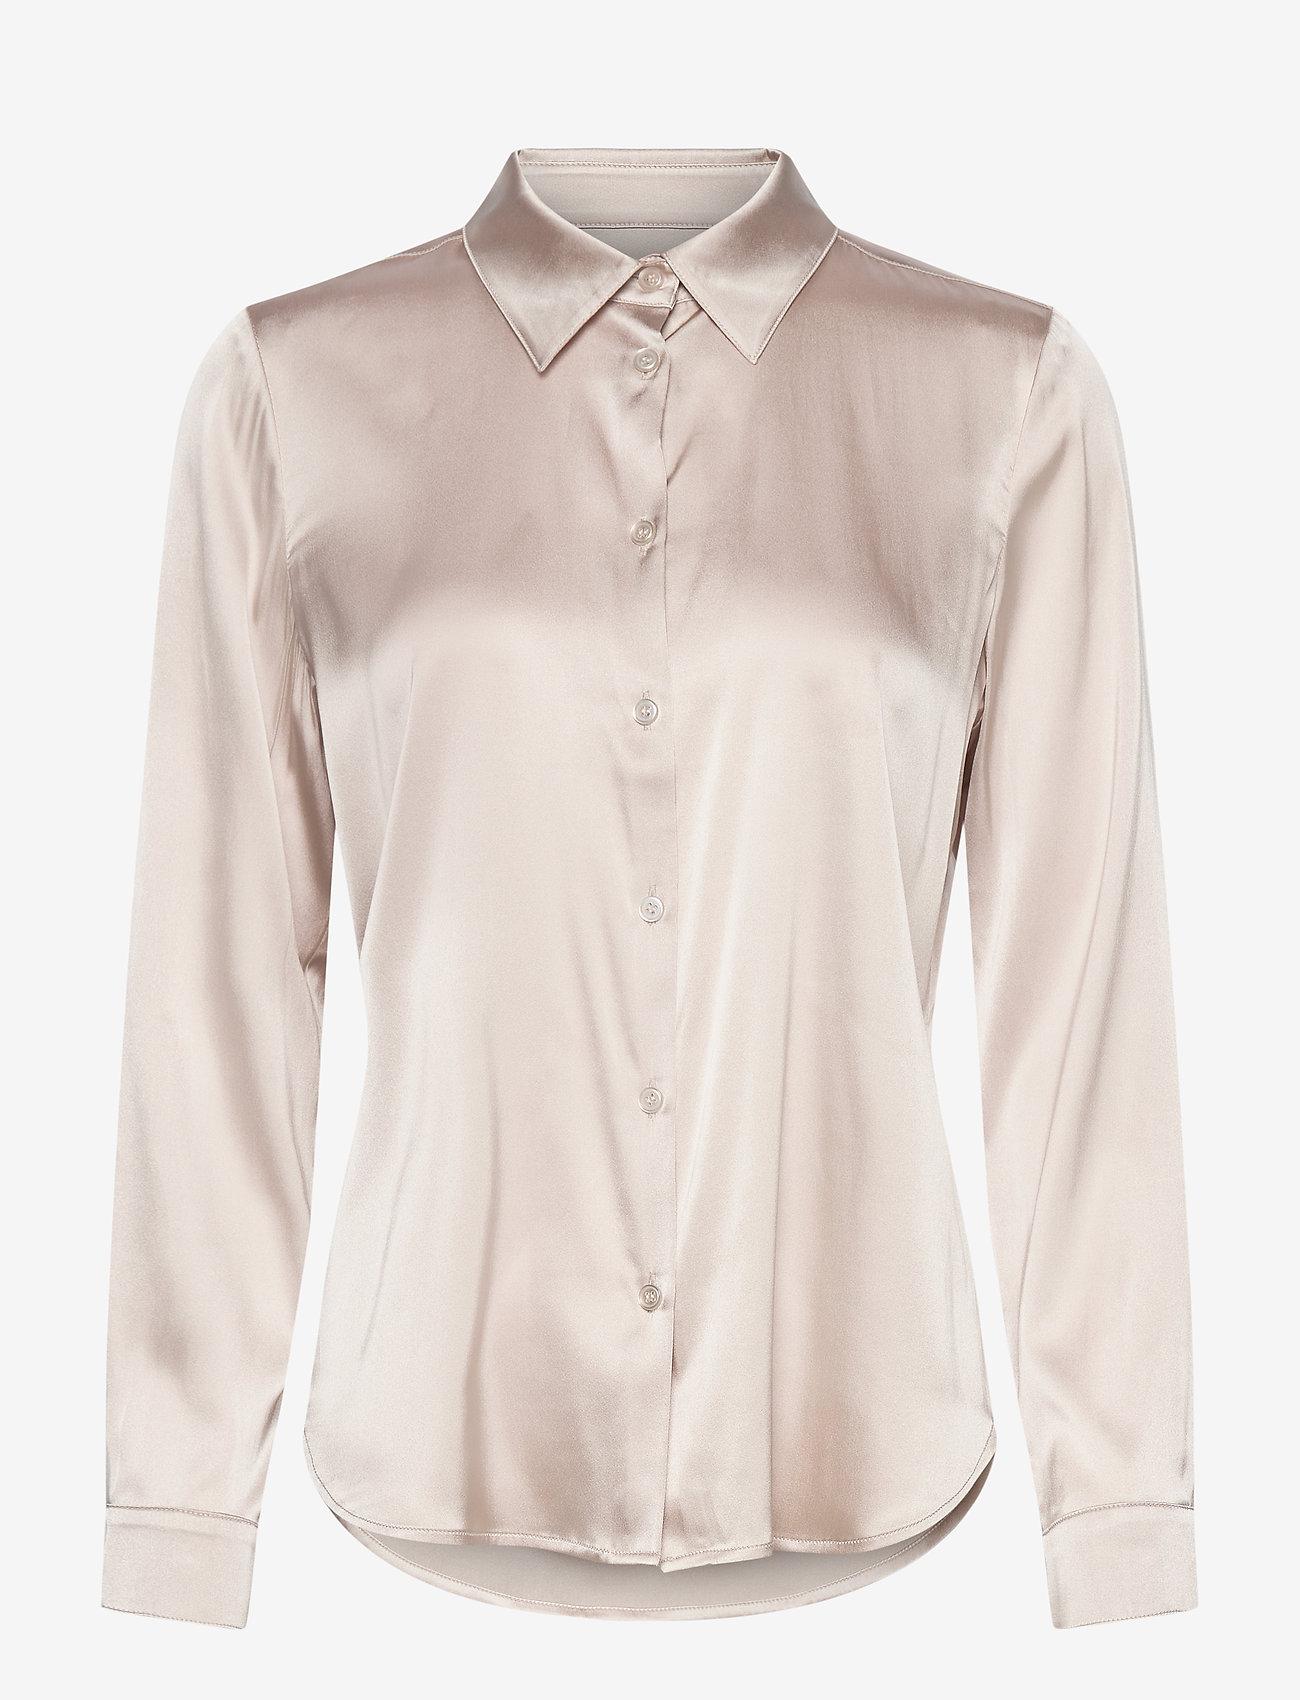 SAND - 3176 - Latia - chemises à manches longues - oyster - 0